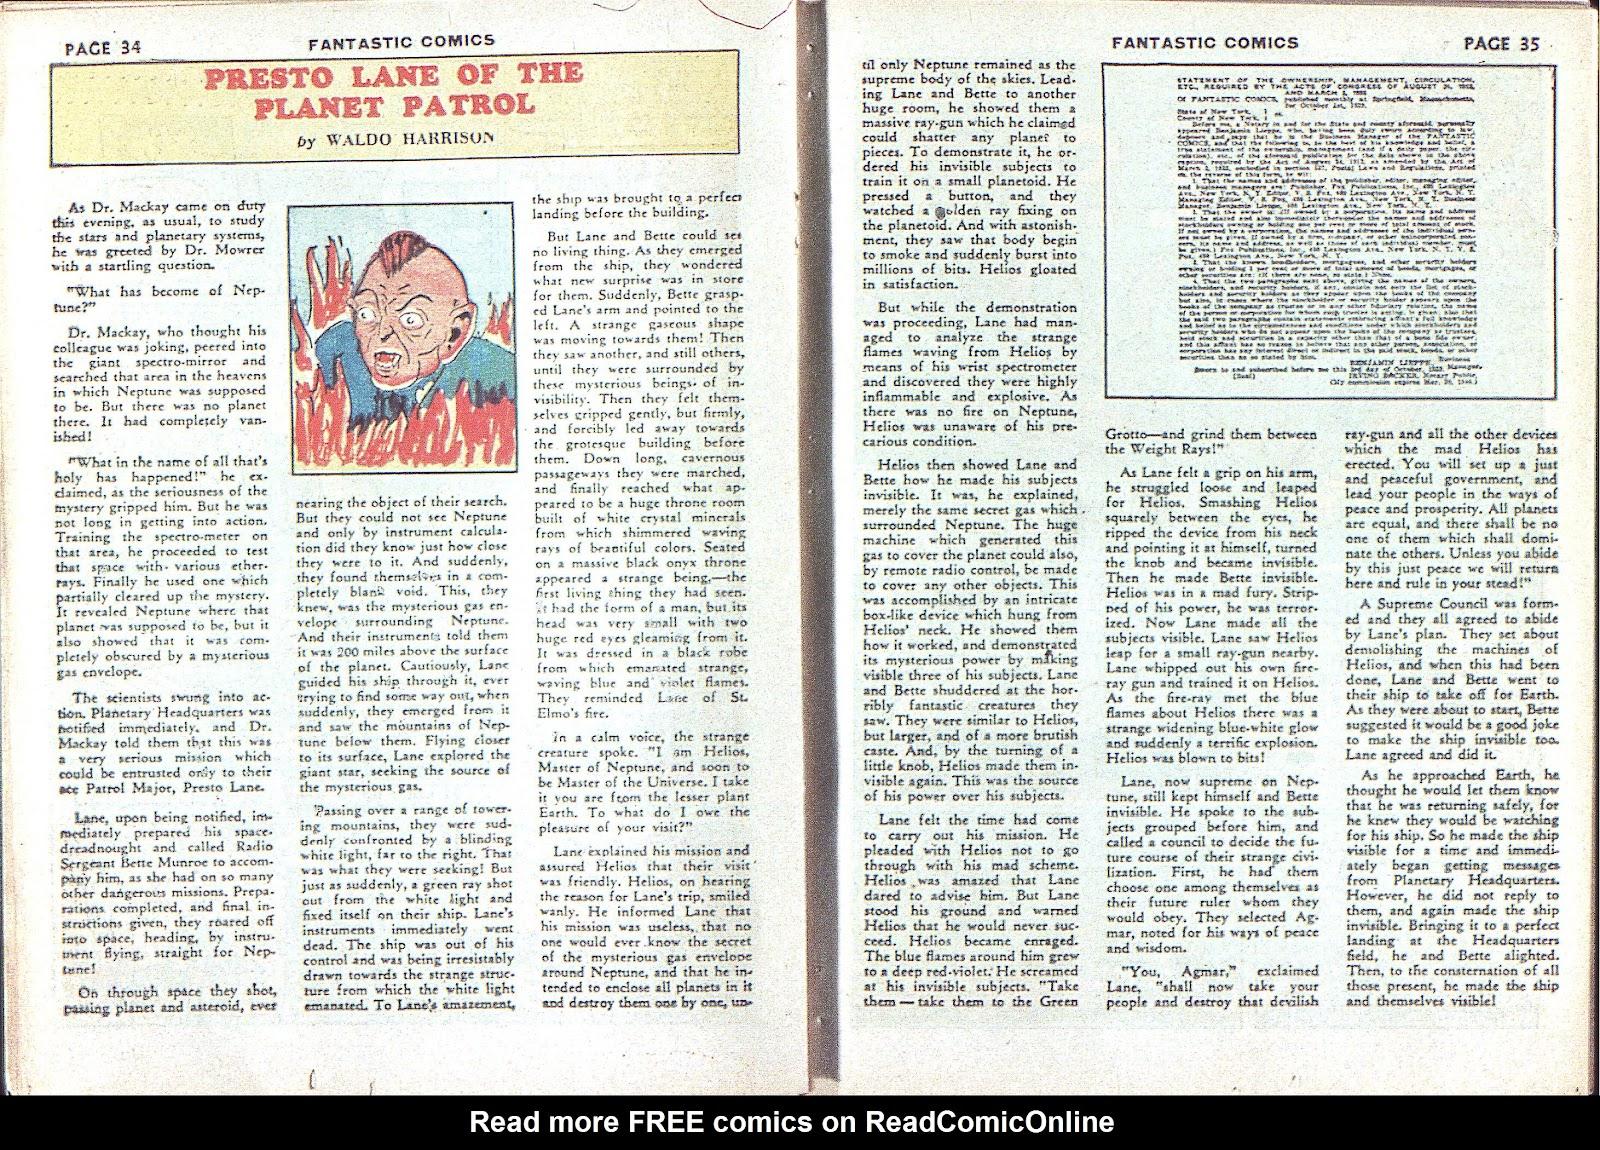 Read online Fantastic Comics comic -  Issue #3 - 37